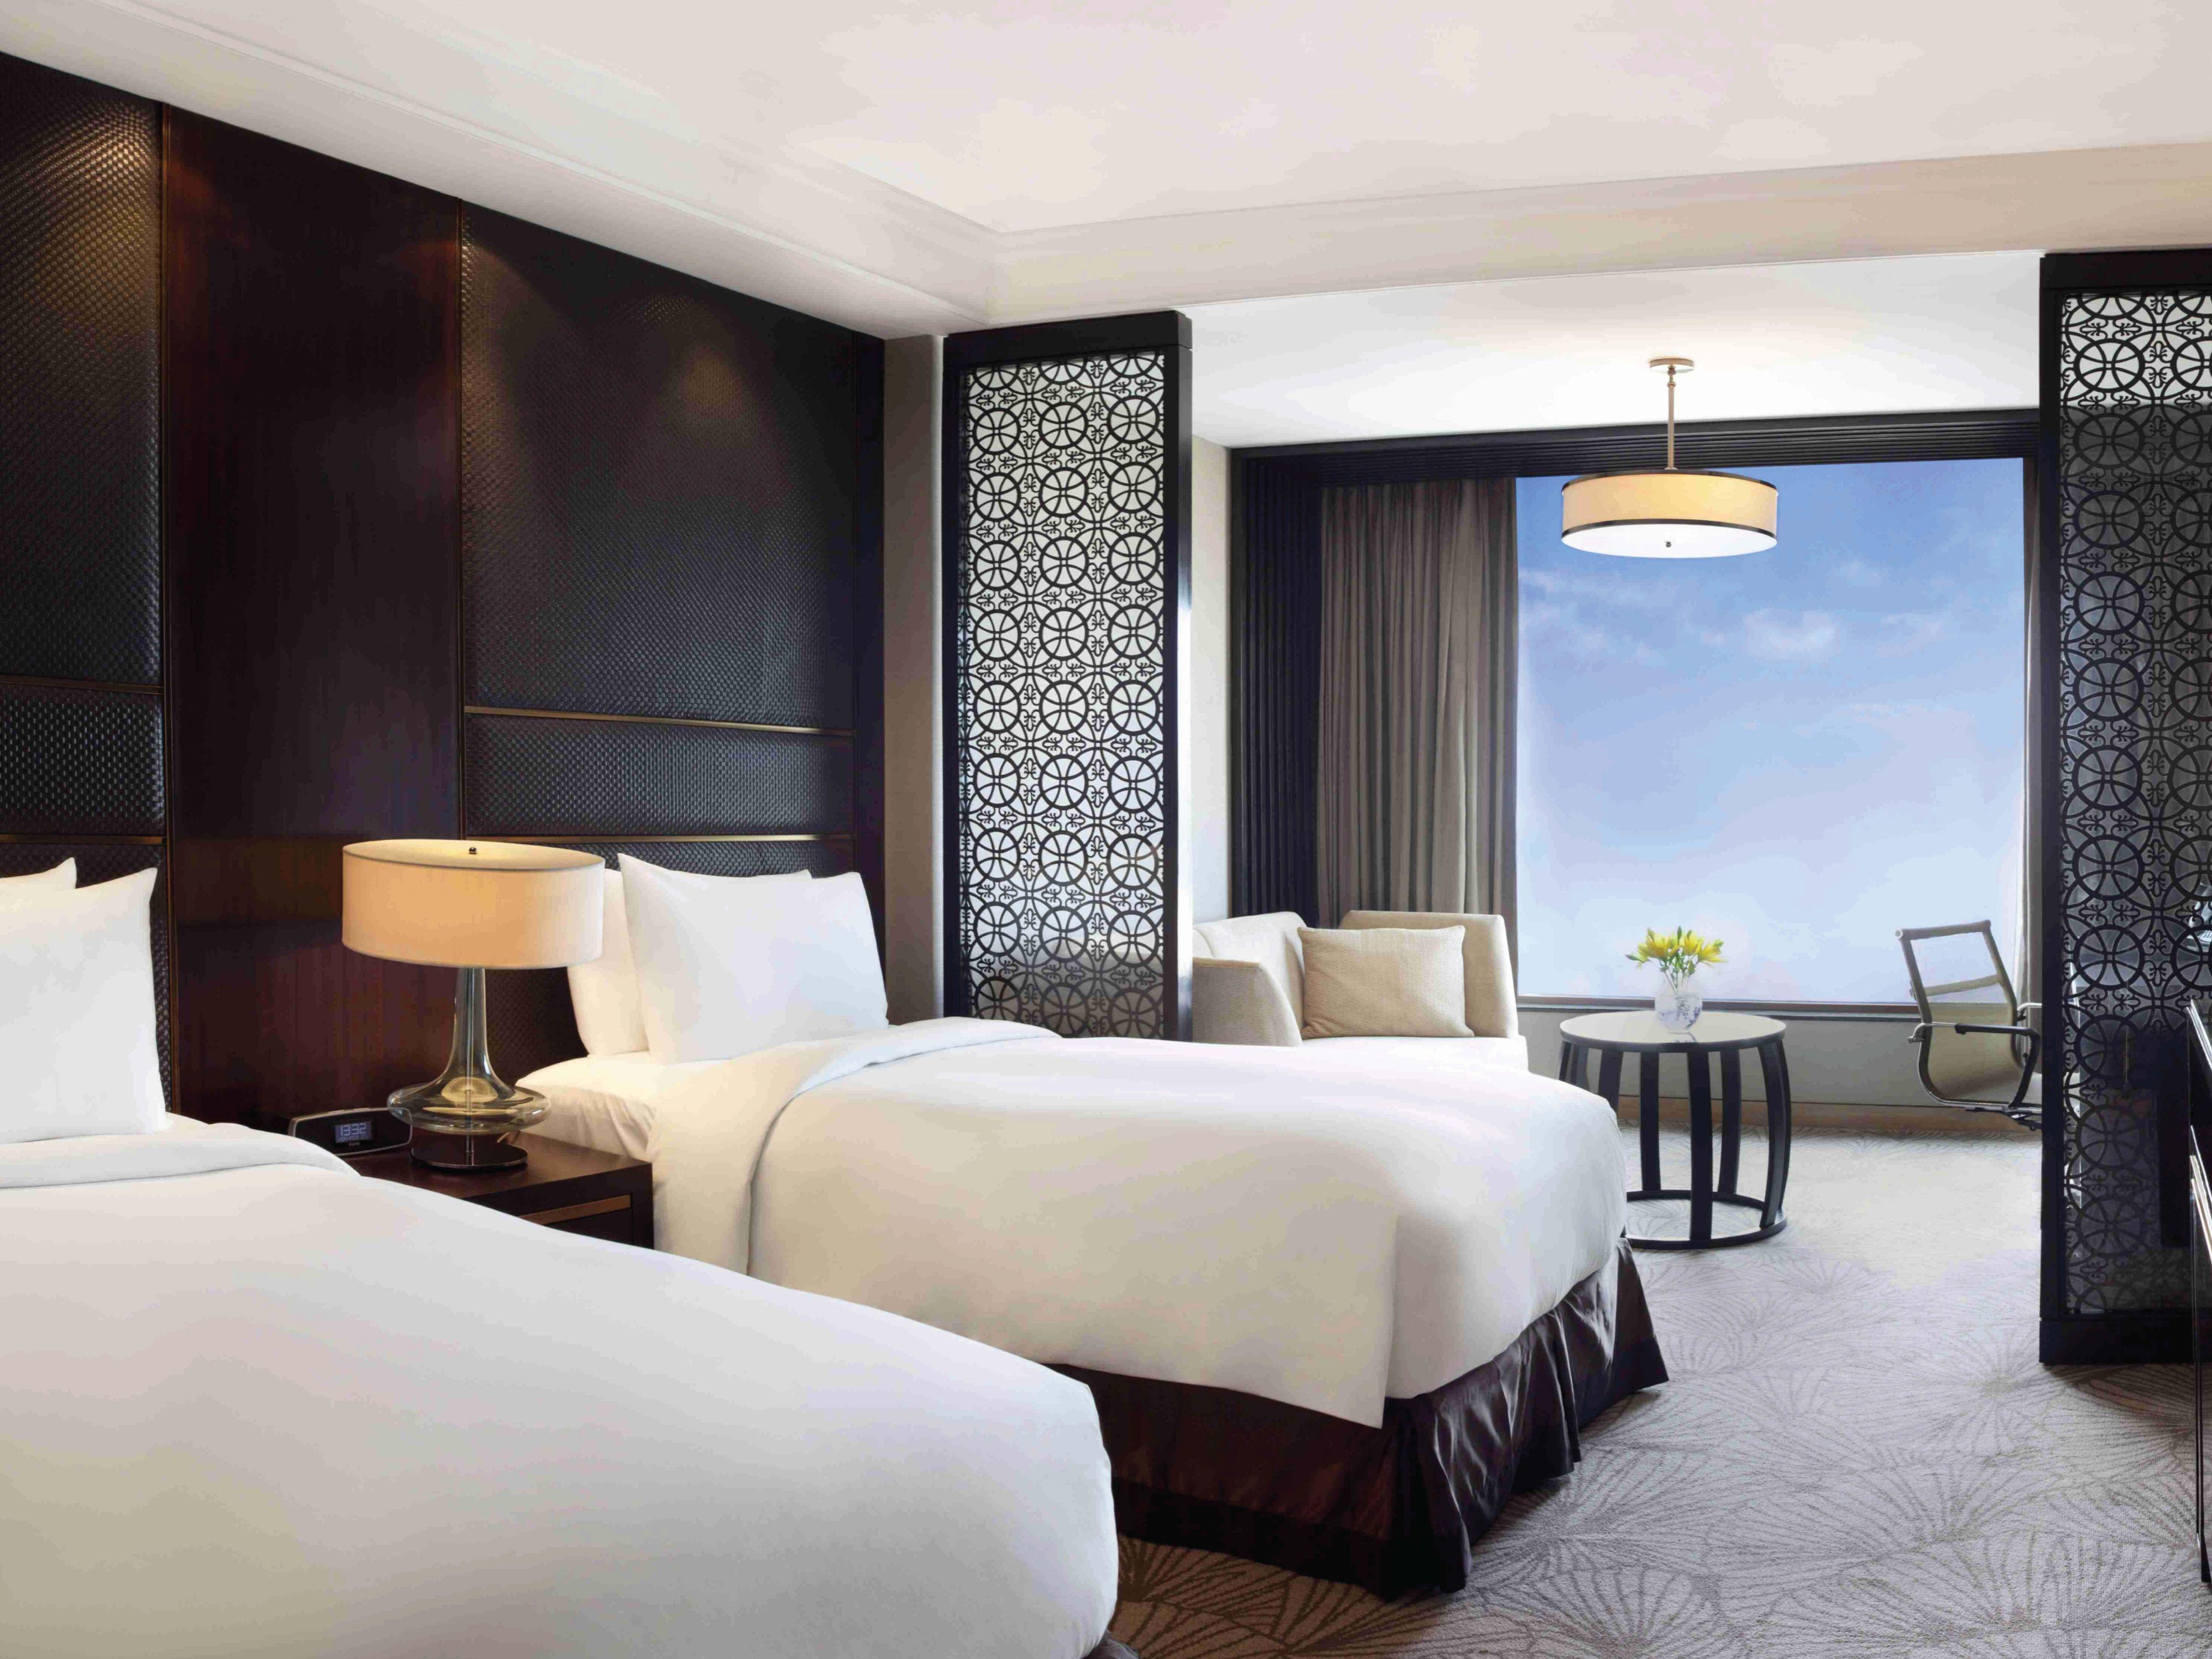 Hotel Delhi City Centre Crowne Plaza New Delhi Mayur Vihar Noida New Delhi India